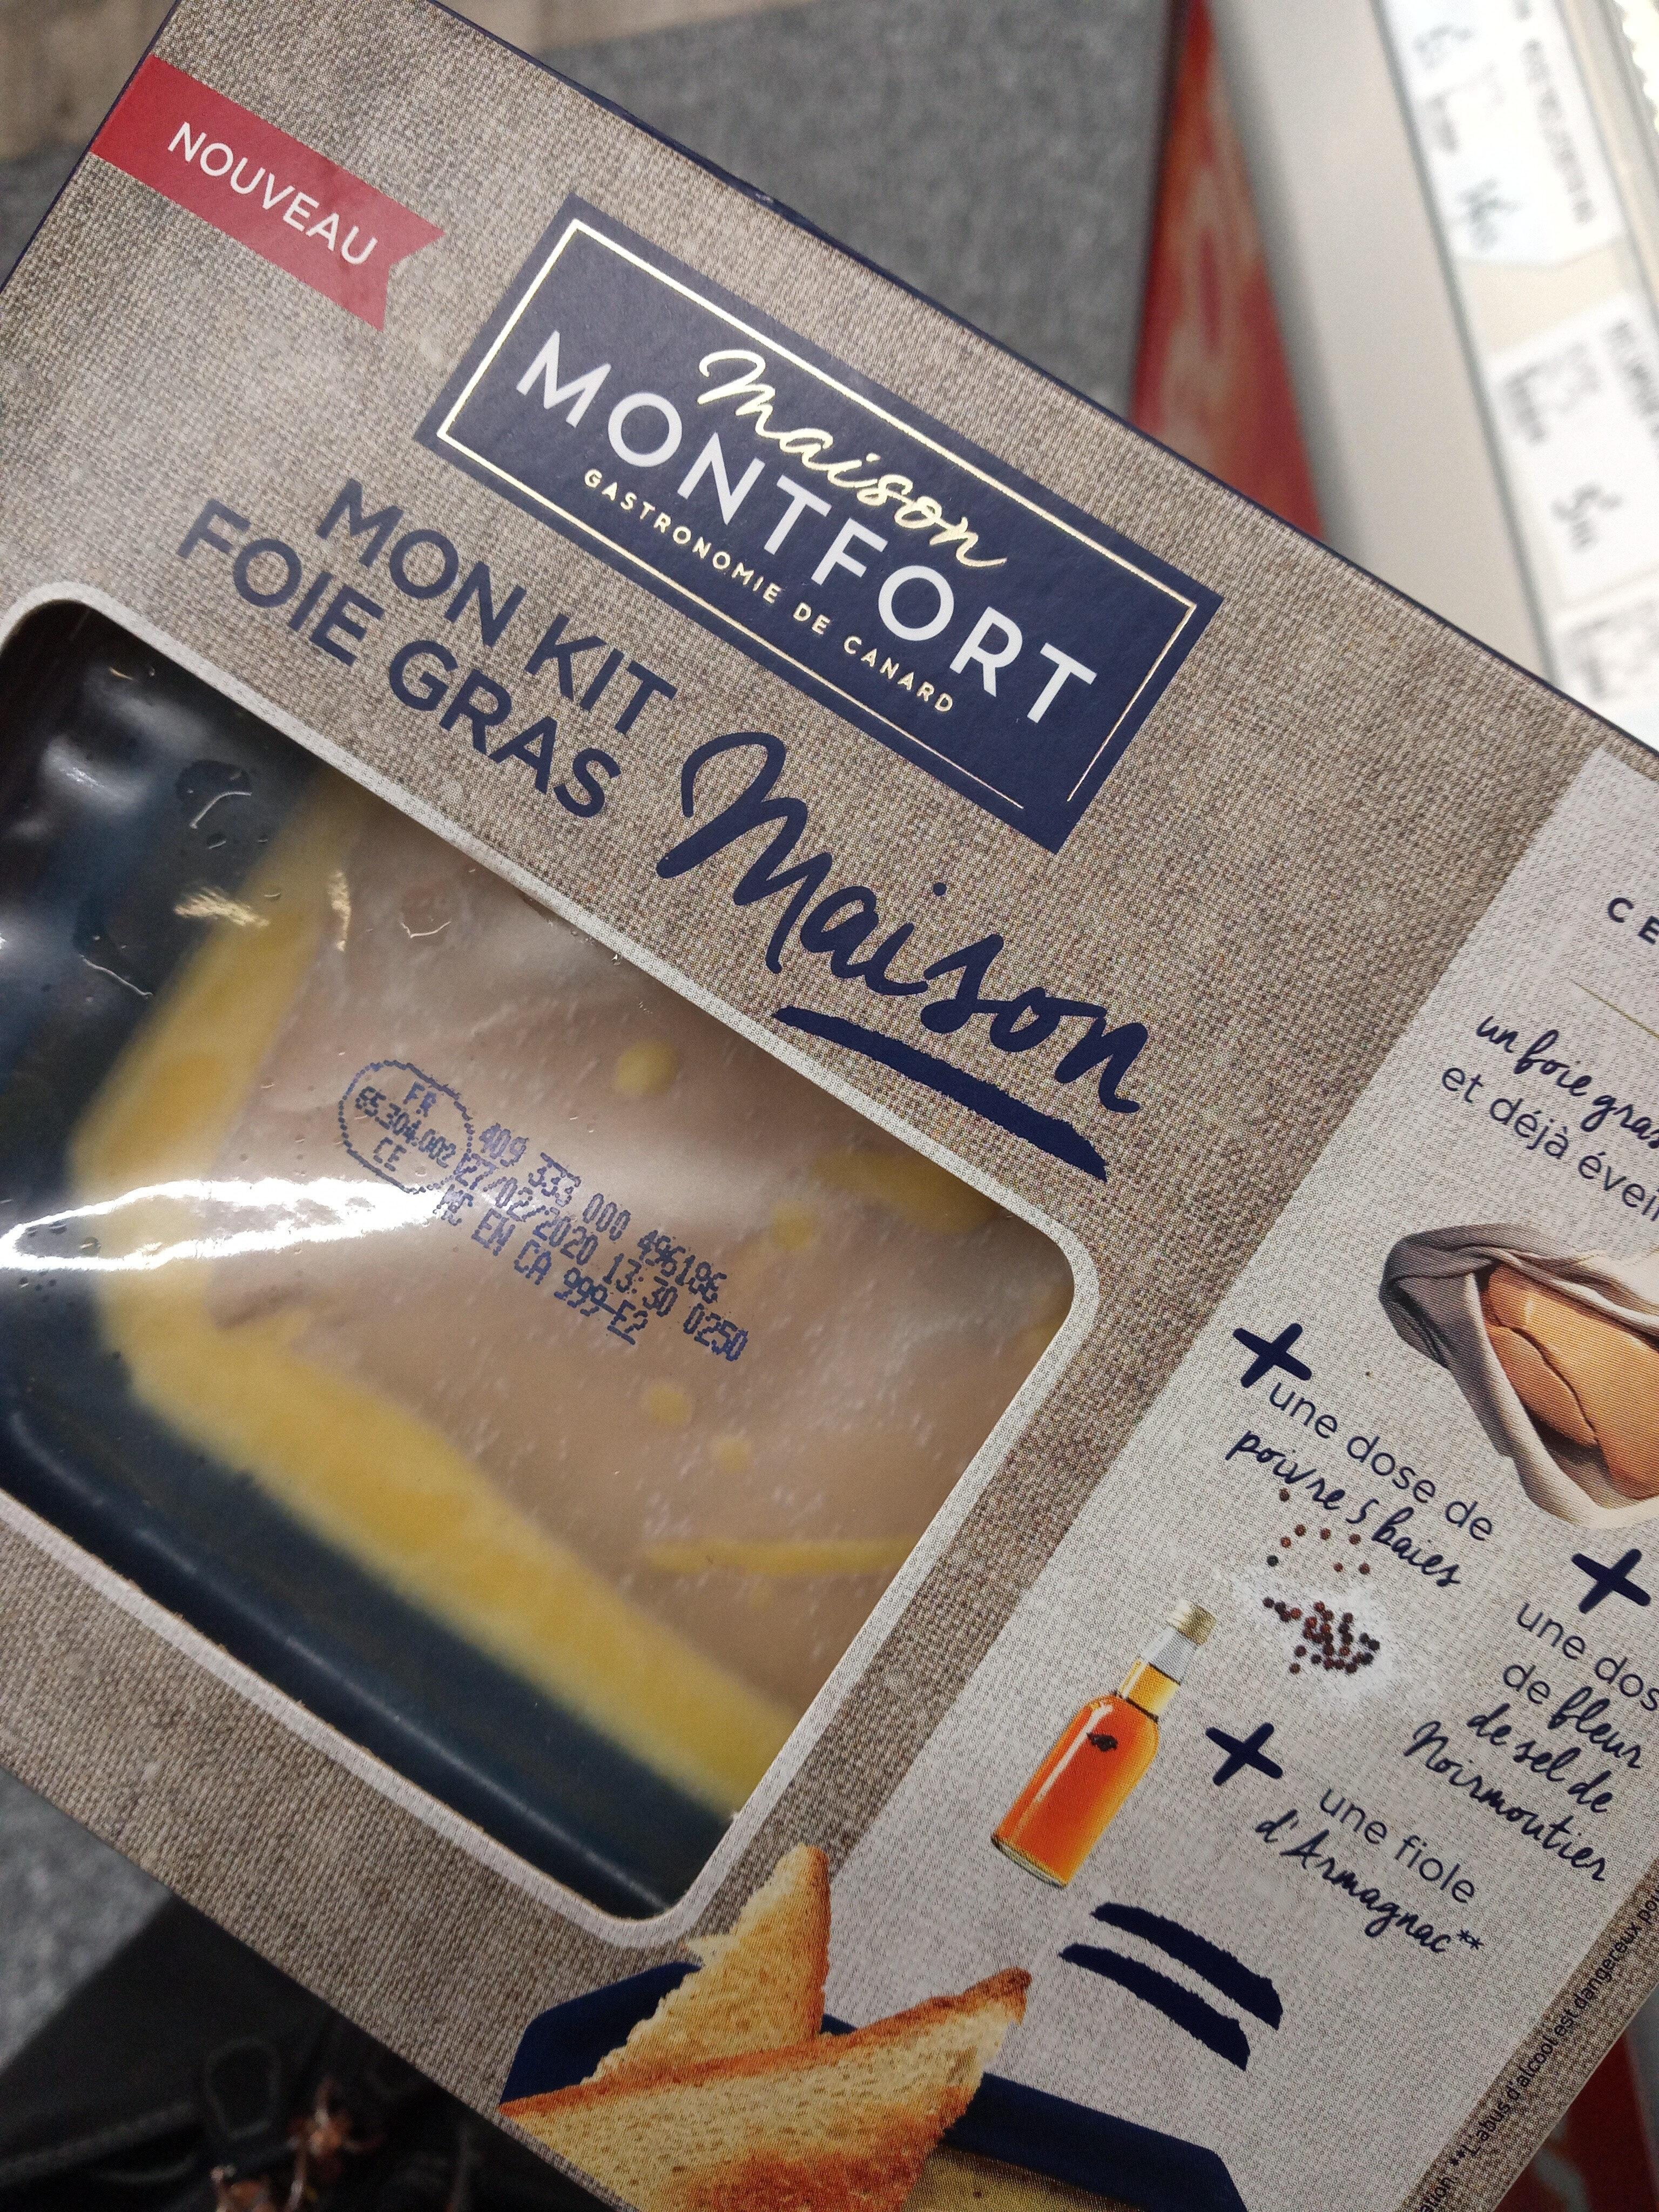 Mon kit foie gras  Montfort - Product - fr